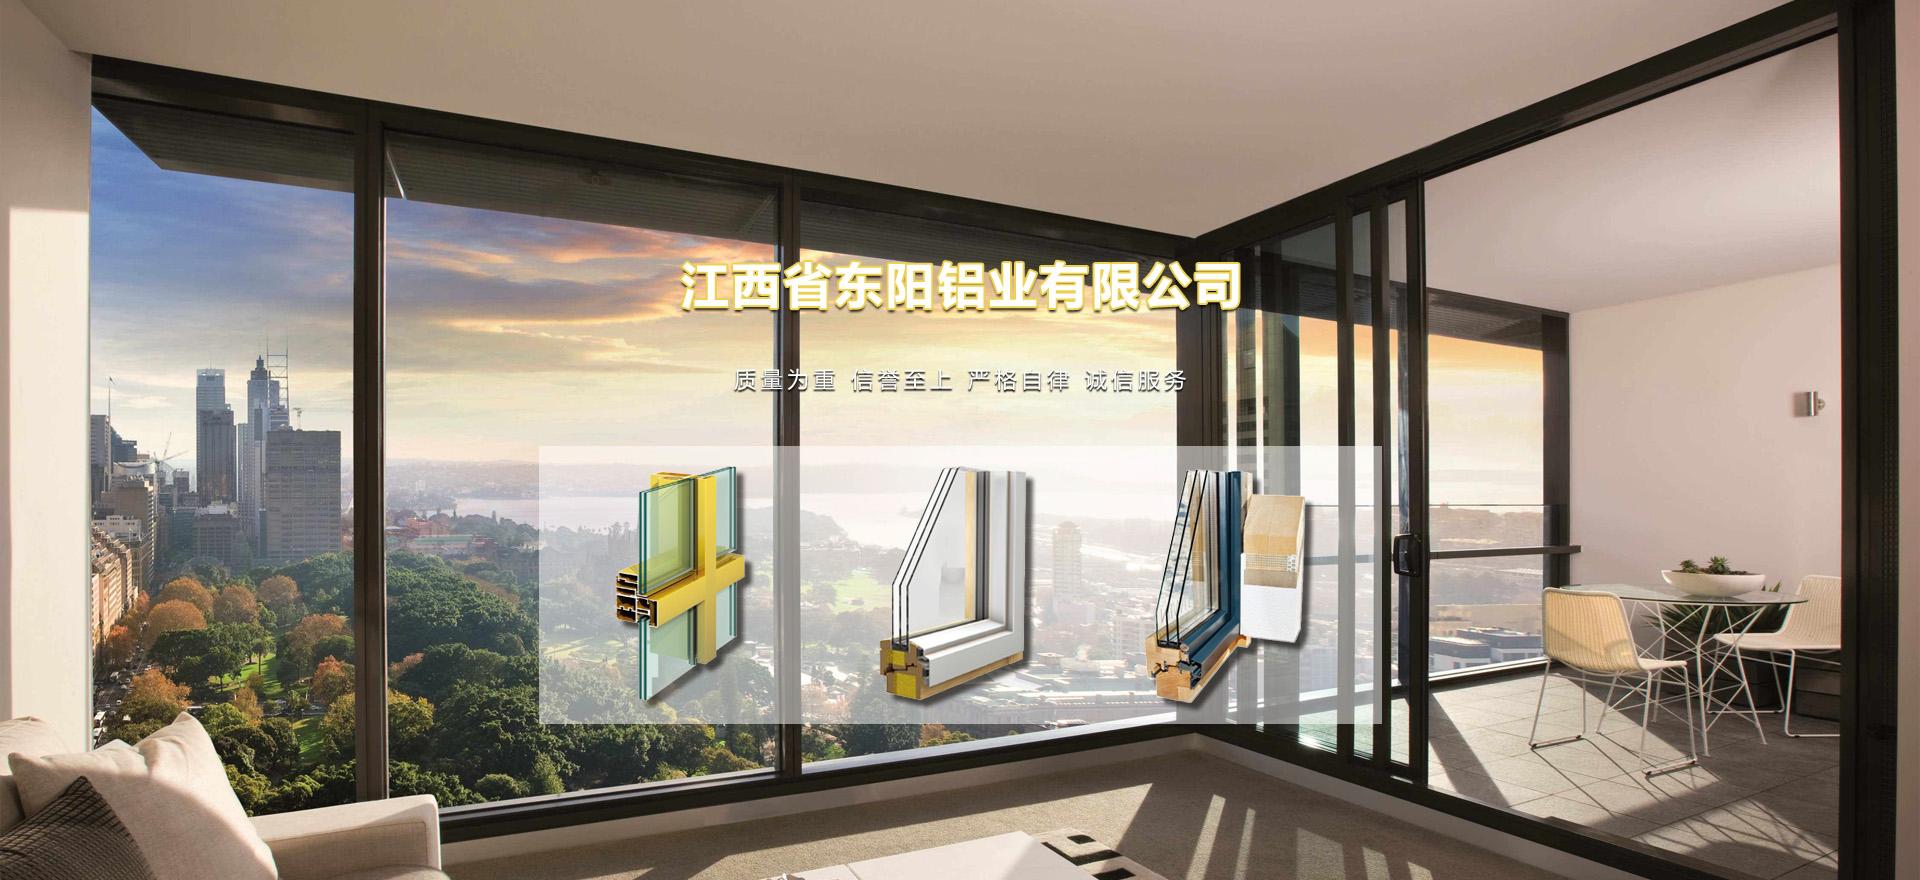 江西省东阳铝业有限公司